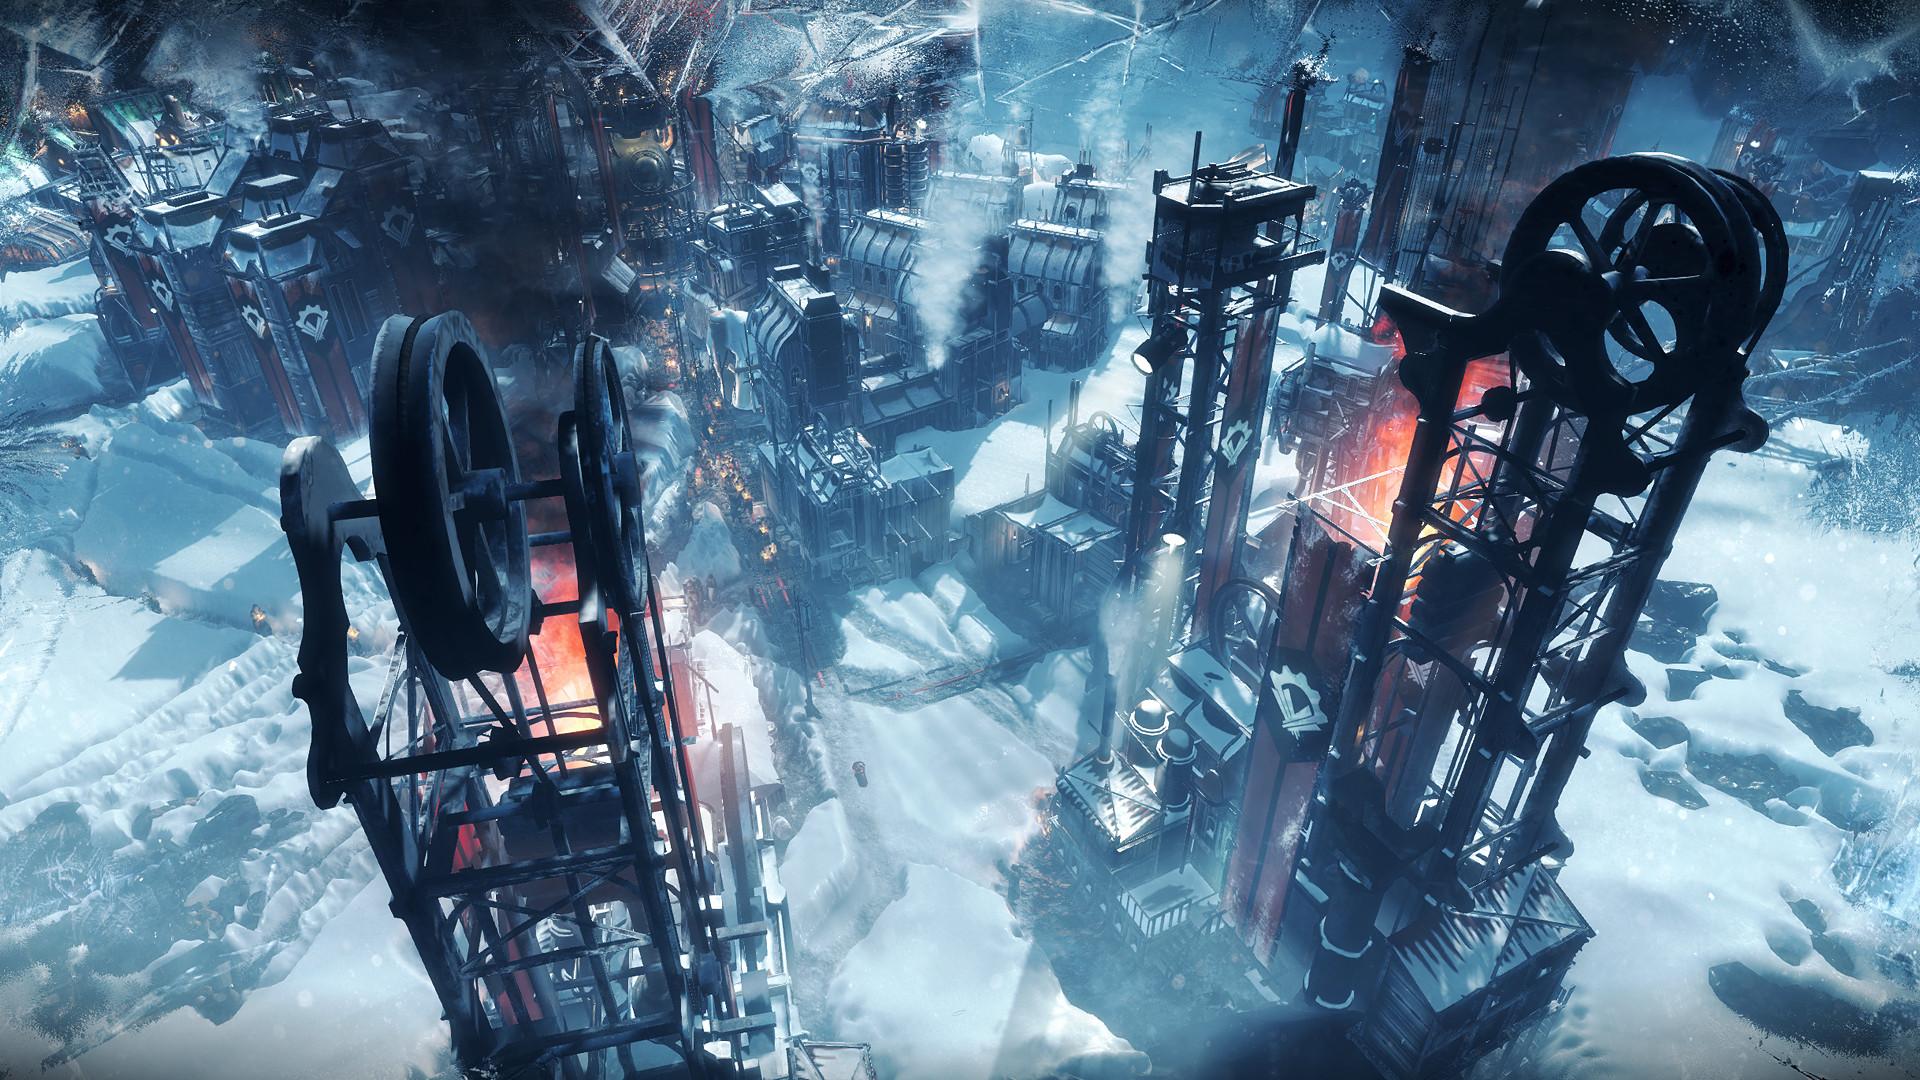 Объявлена дата выхода Frostpunk от создателей This War of Mine. Опубликован кинематографический трейлер